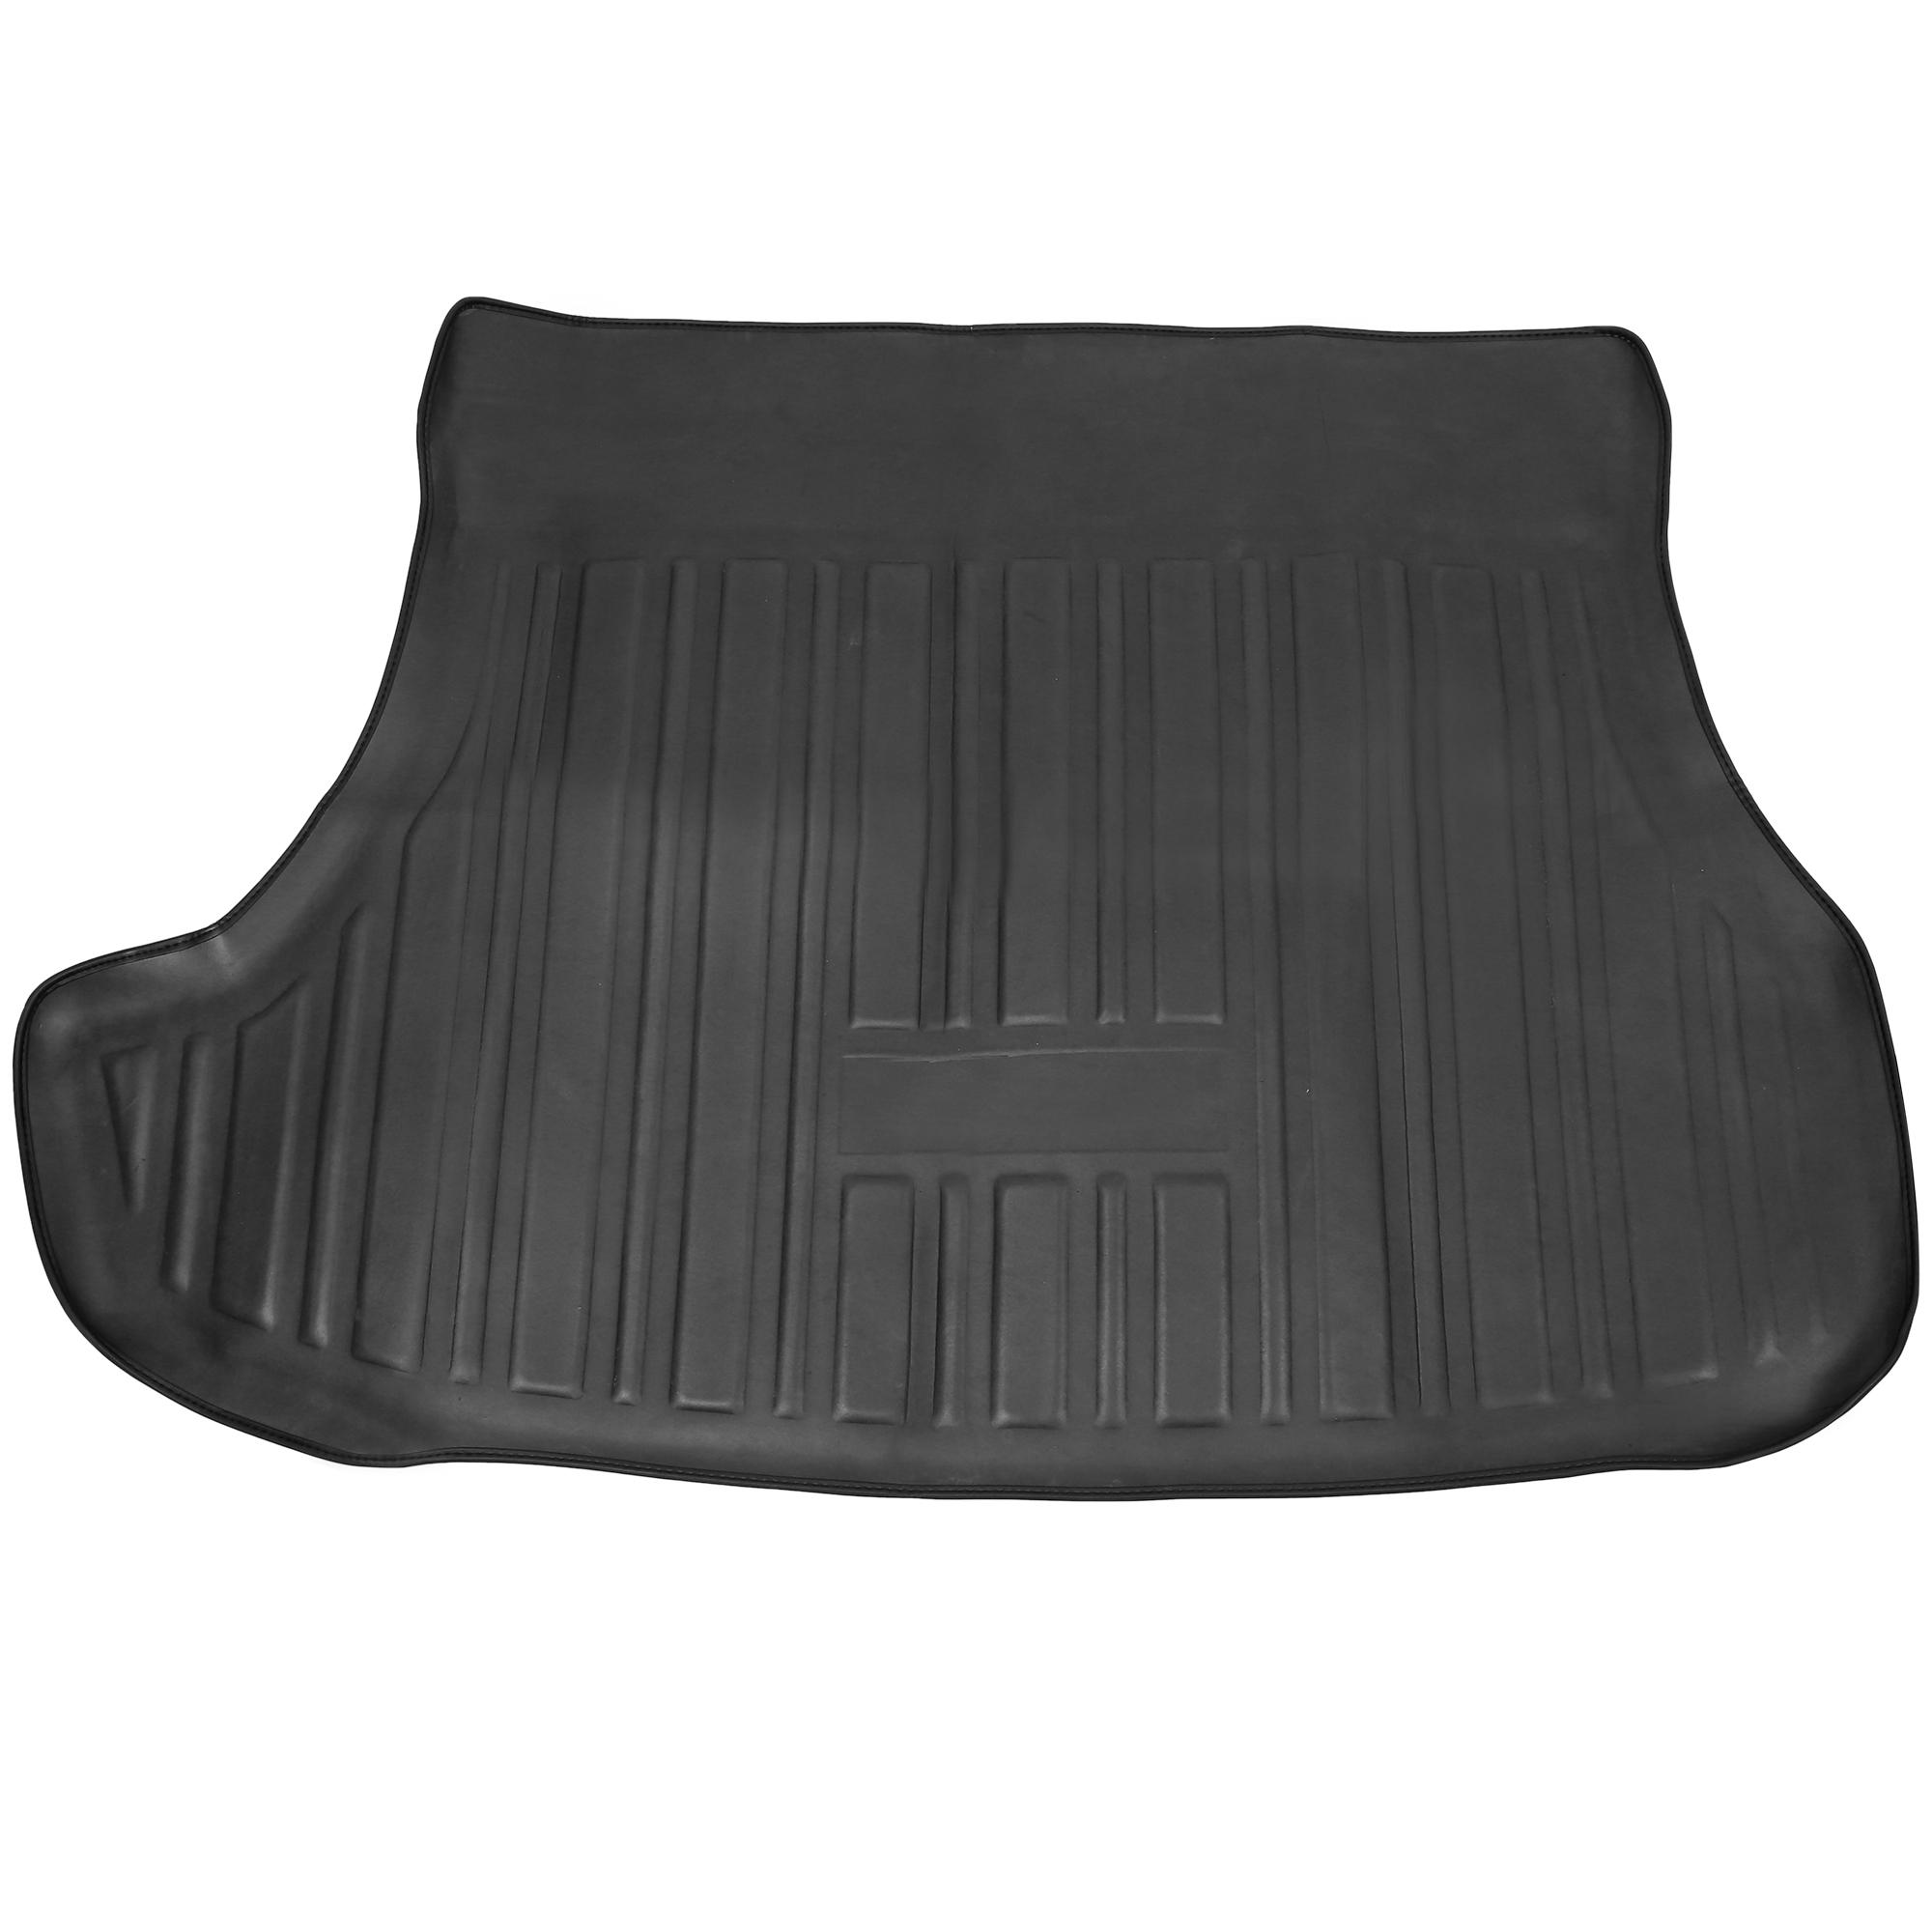 EVA Trunk Cargo Mat Rear Trunk Liner Tray Floor Pad for Honda Avancier 17-19